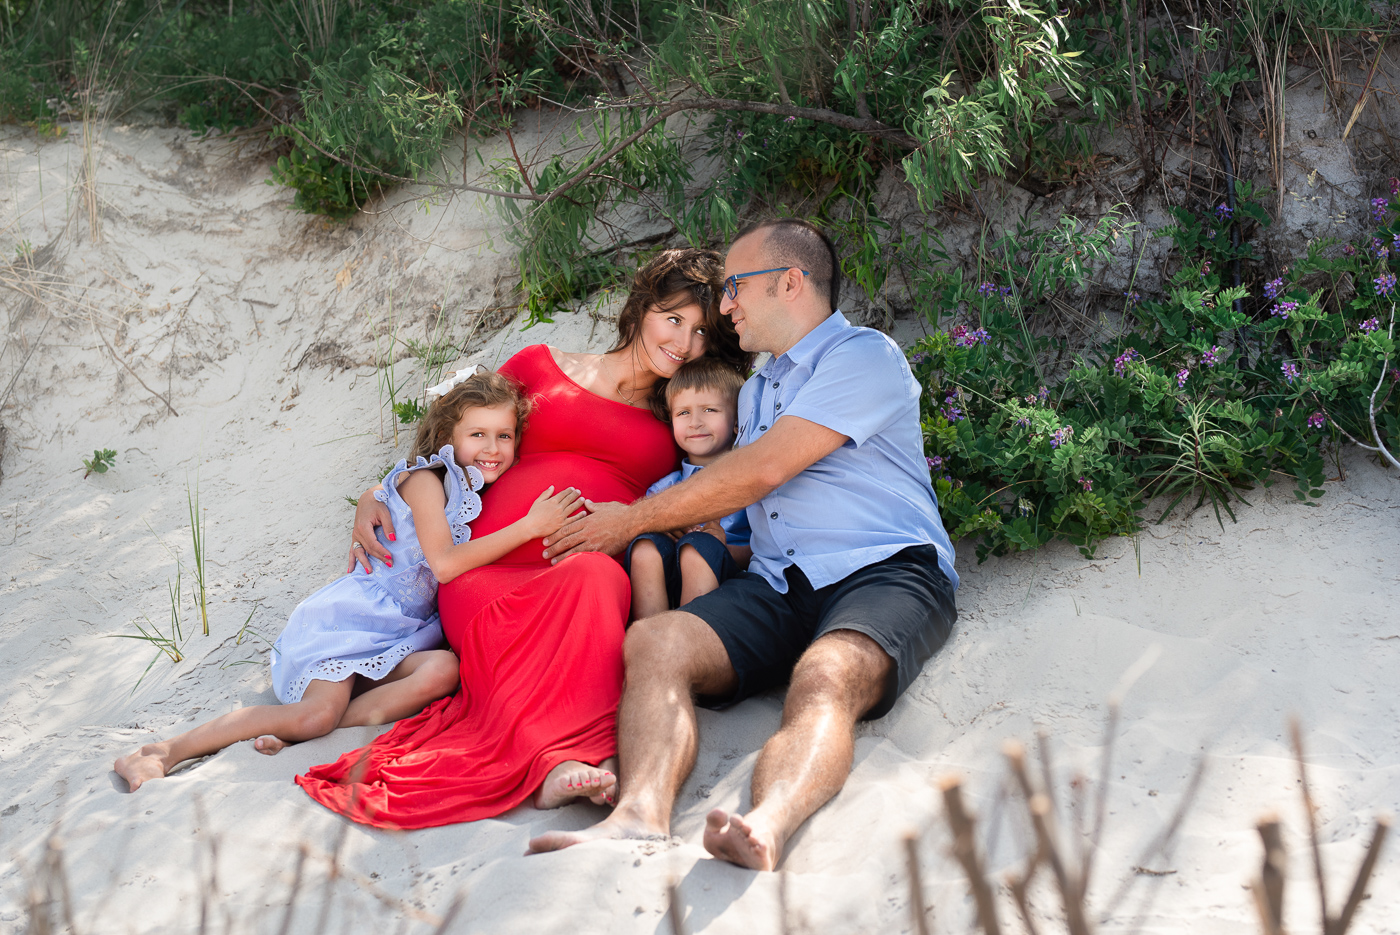 miłość rodzinna sesja na wydmach nad morzem trójmiasto